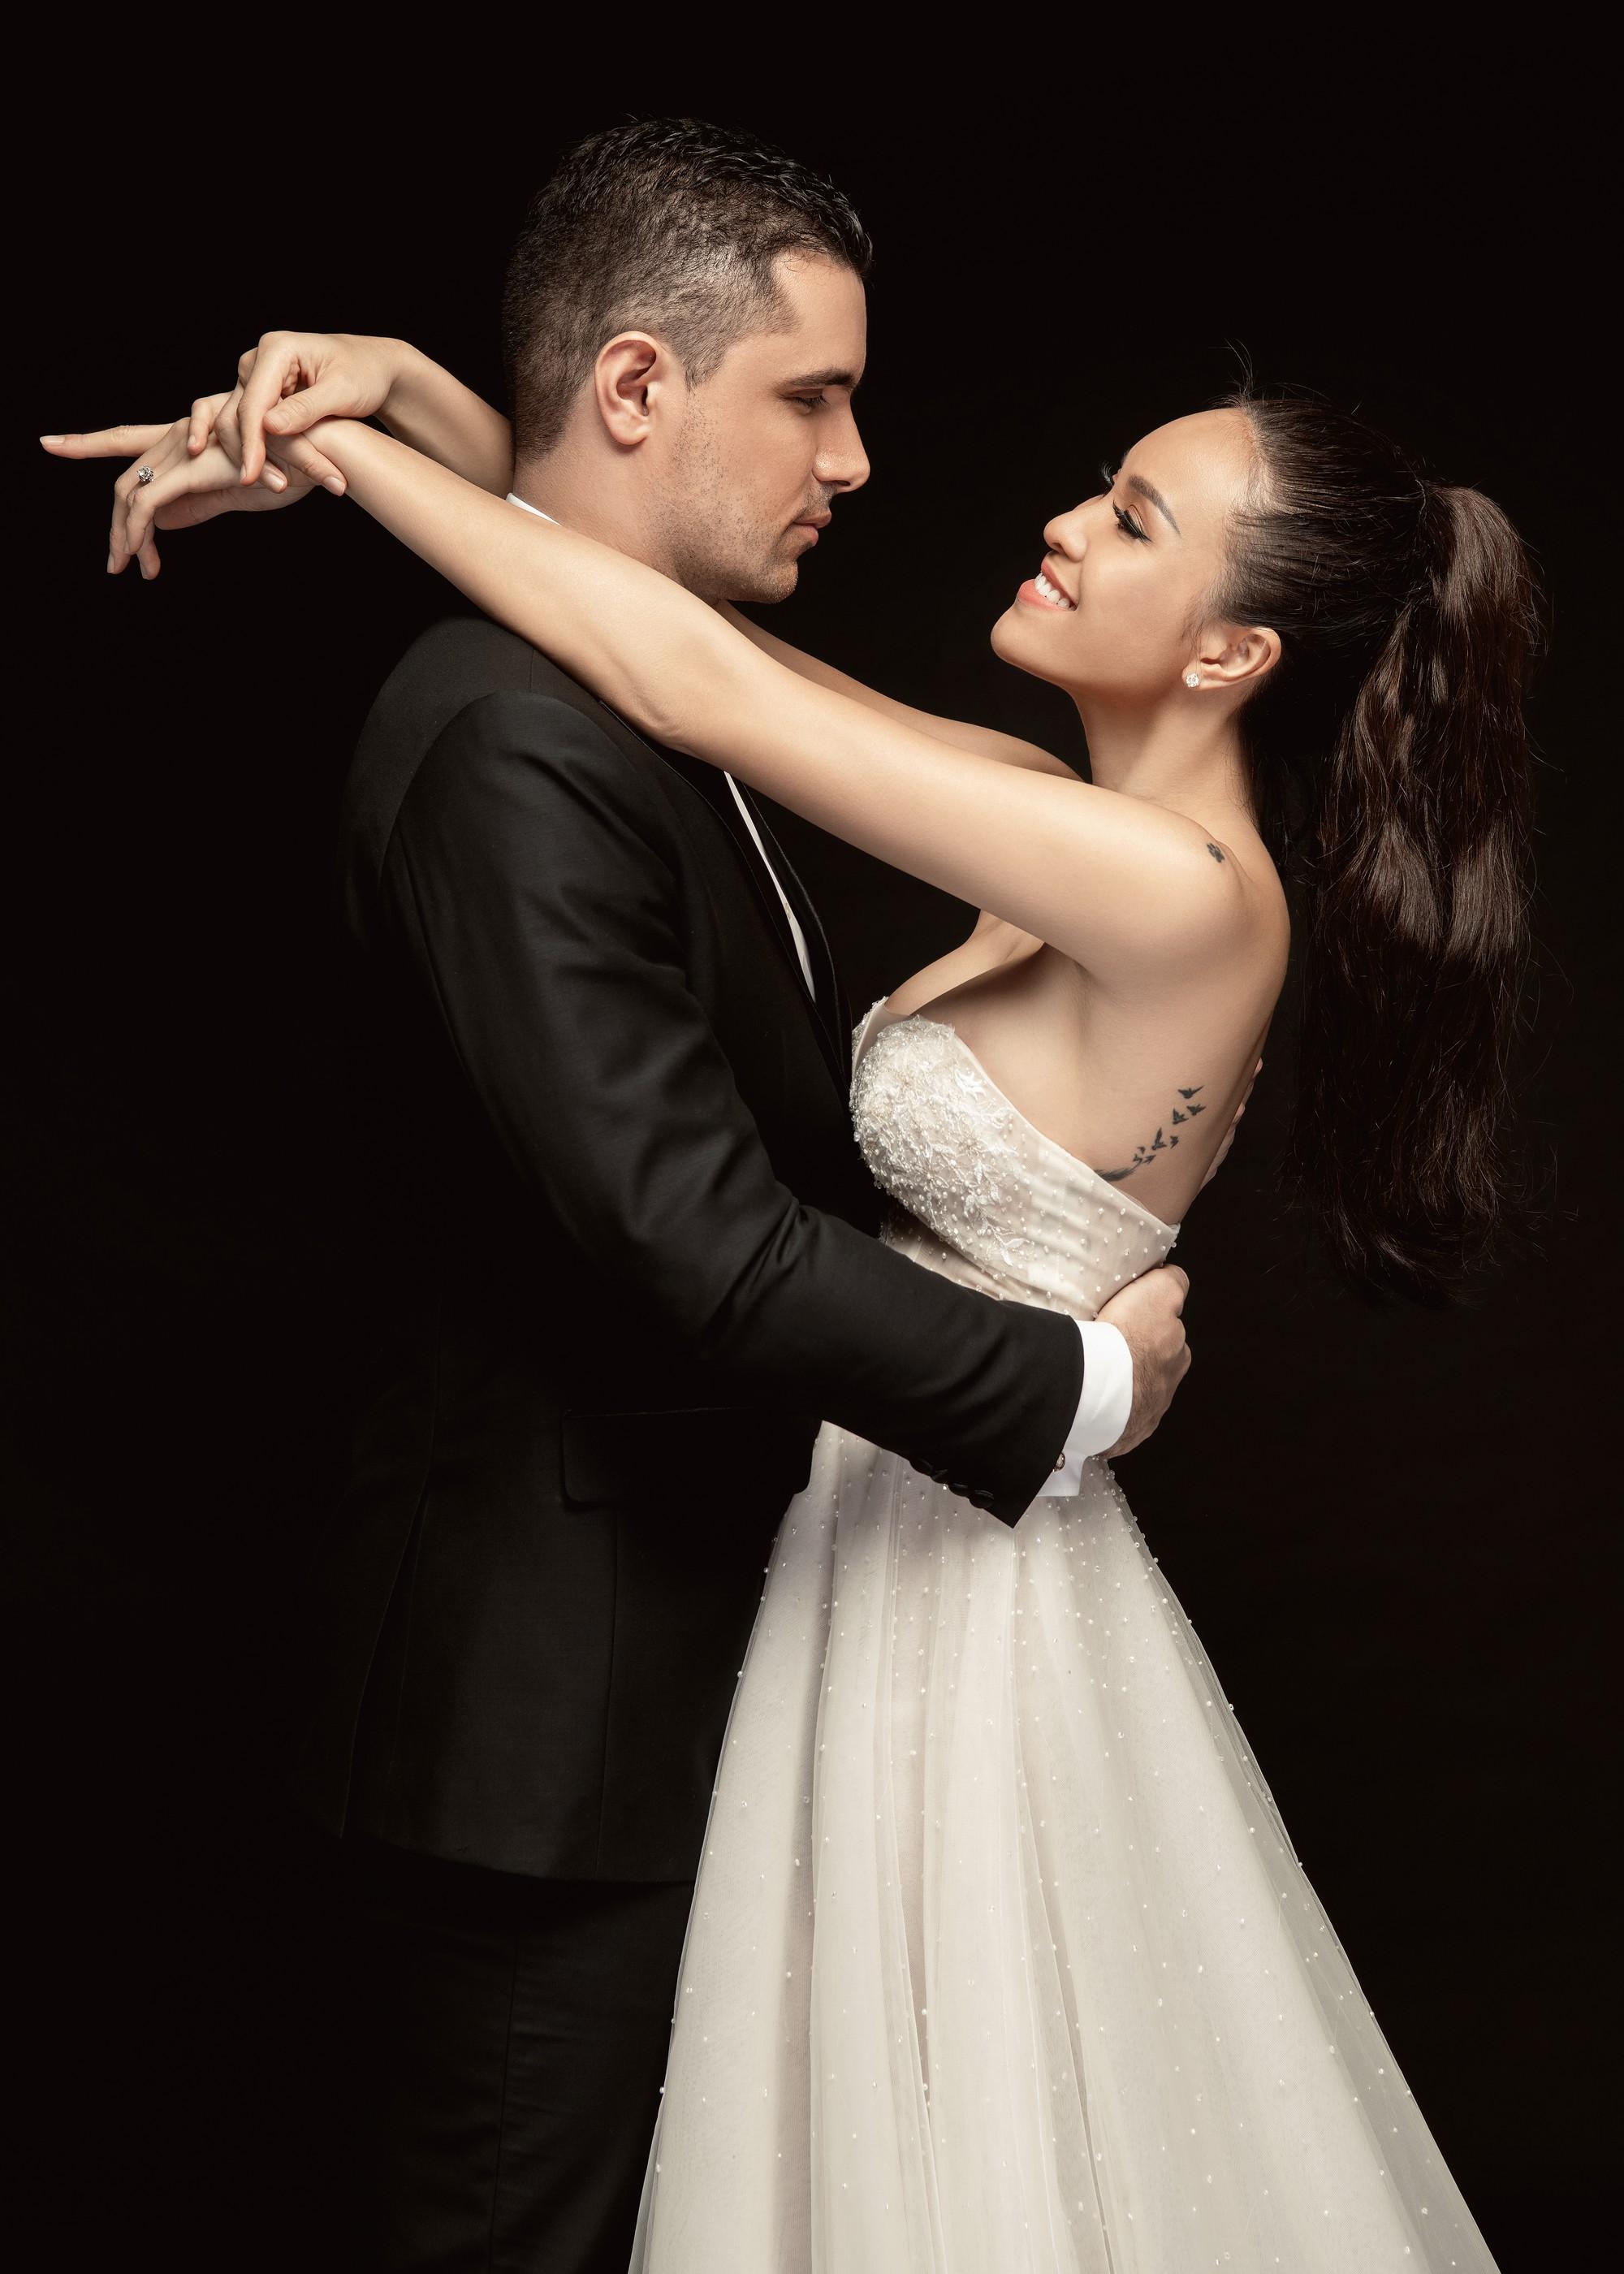 Trọn bộ ảnh cưới ngọt ngào đến tan chảy của Phương Mai và chồng Tây đẹp trai như tài tử - Ảnh 9.